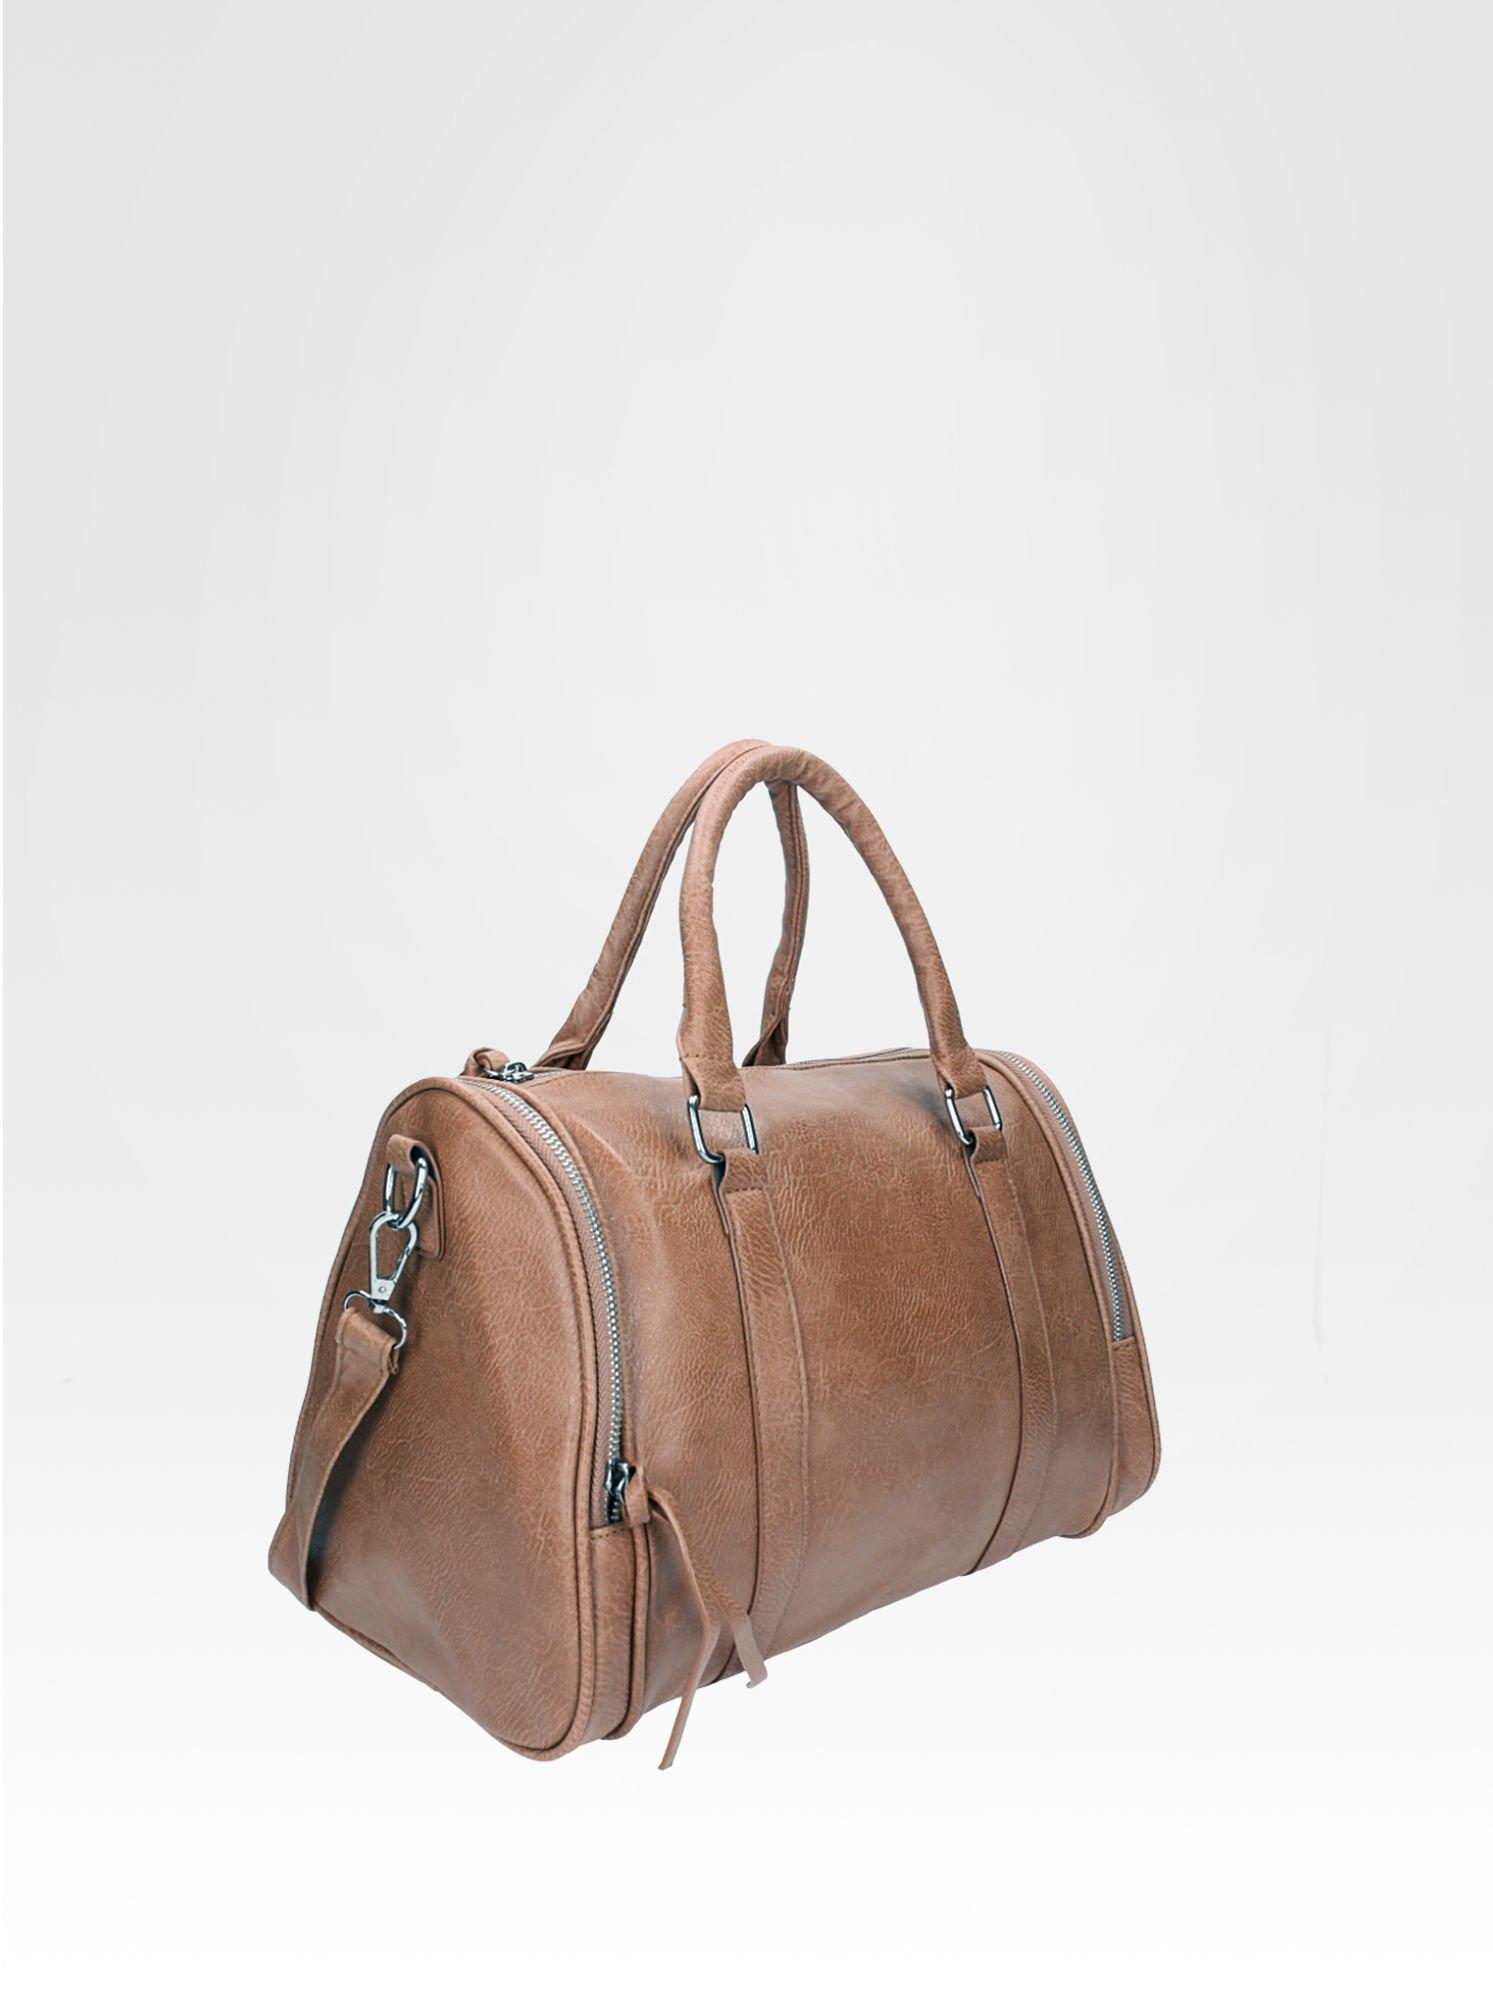 Brązowa torba bowling z suwakami                                  zdj.                                  2